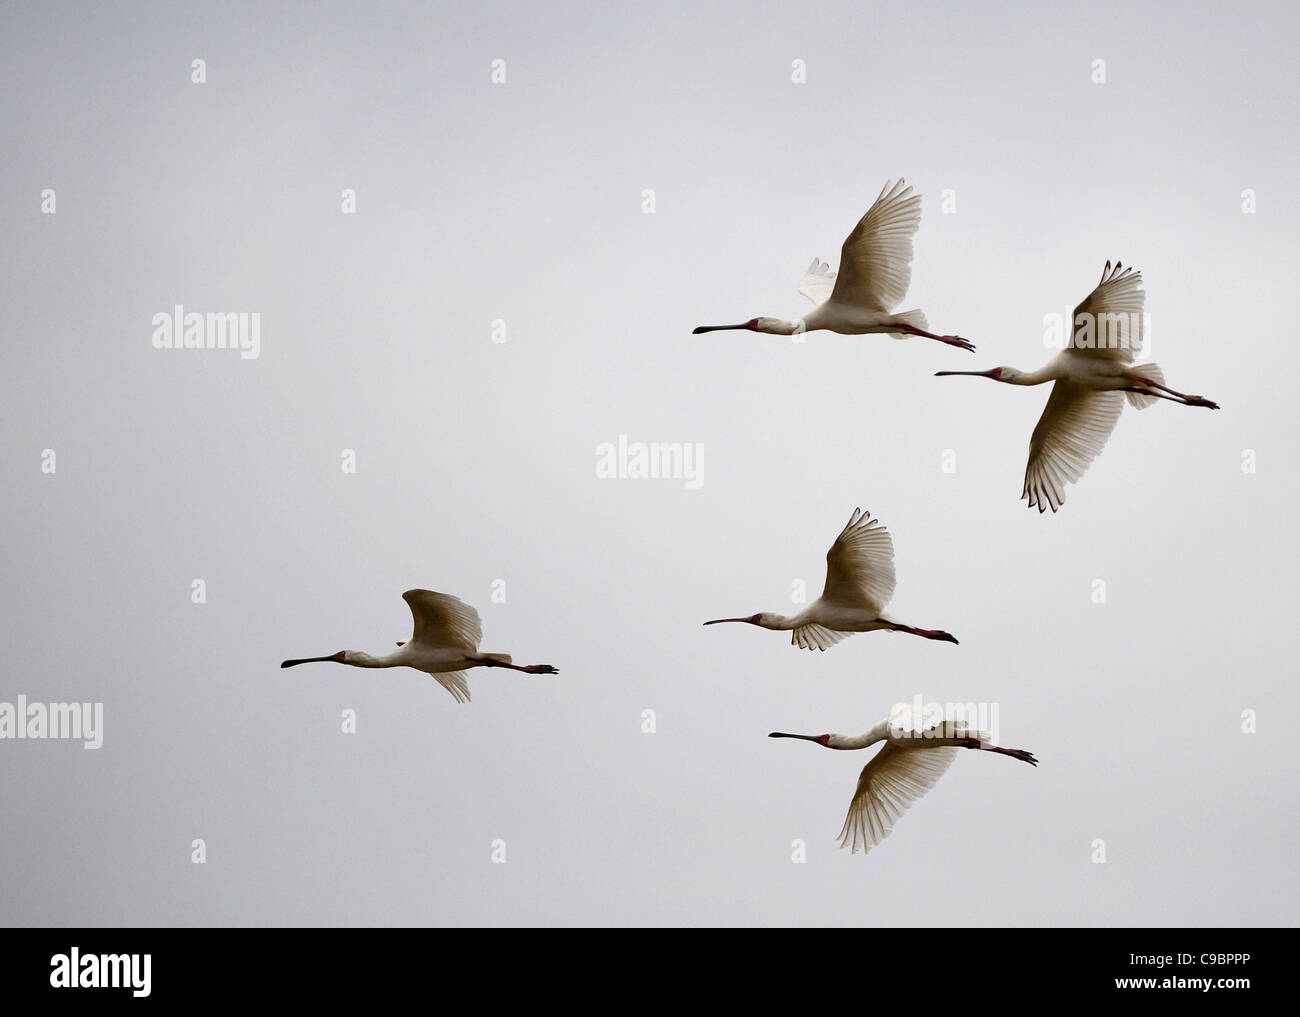 Flock of birds flying against sky, Mana Pools National Park, Mashonaland North Province, Zimbabwe Stock Photo